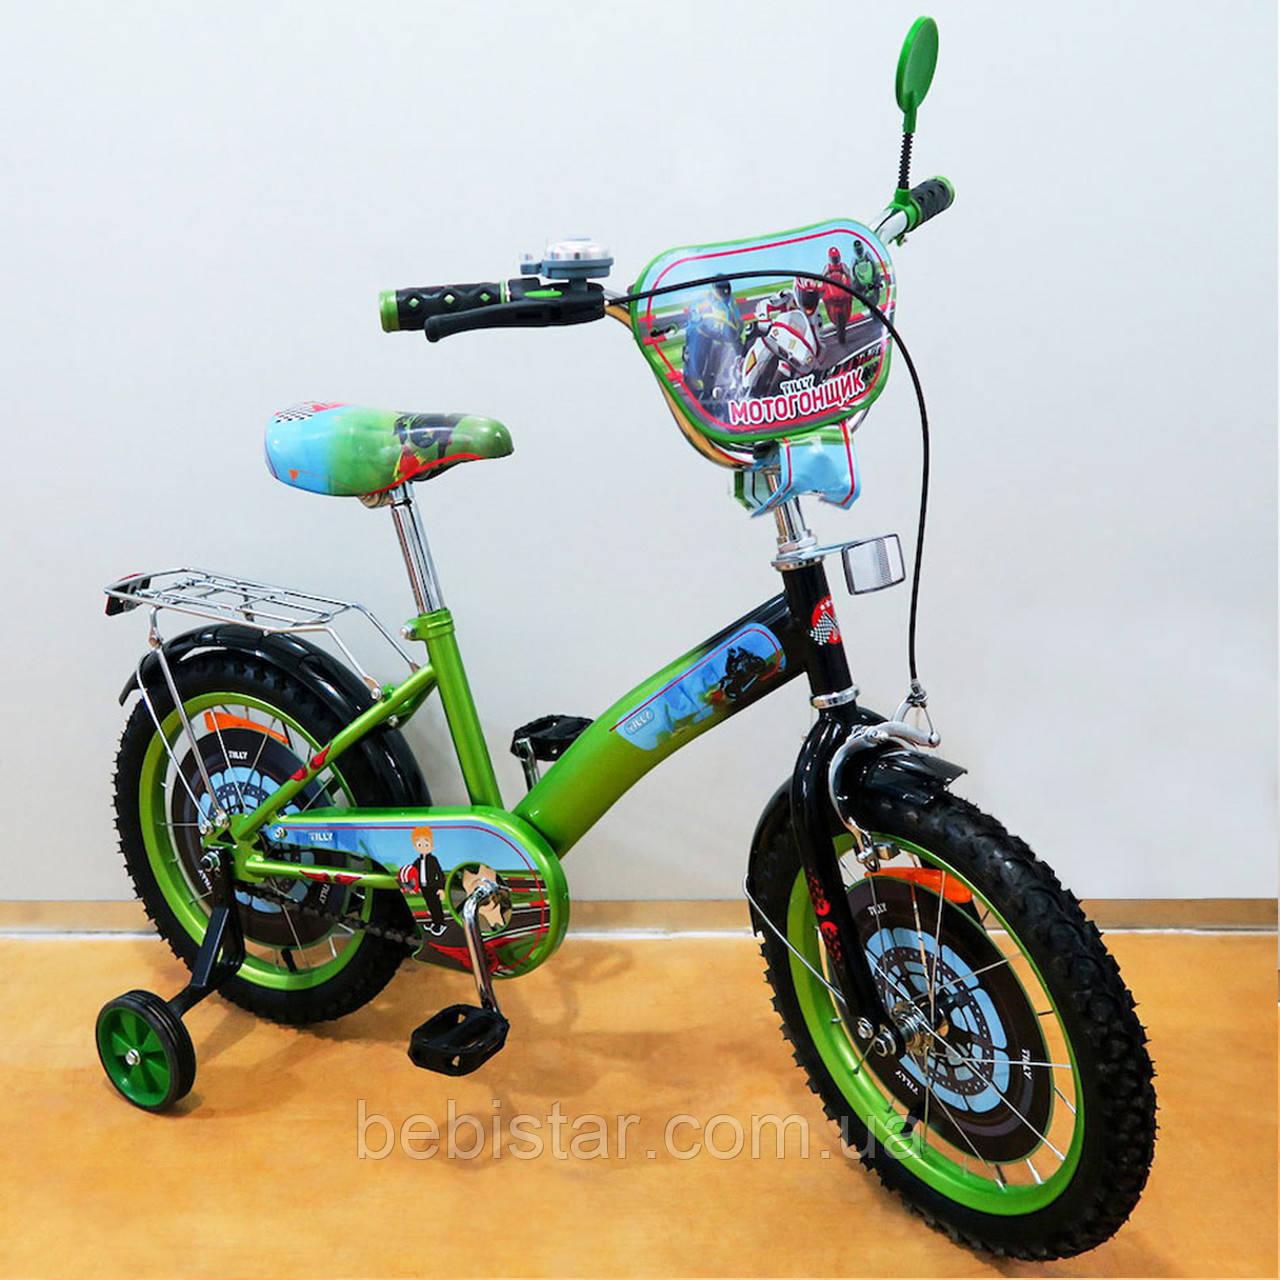 """Дитячий двоколісний велосипед TILLY 16"""" 16Т-216212 для дітей 4-6 років,зелено-чорний"""